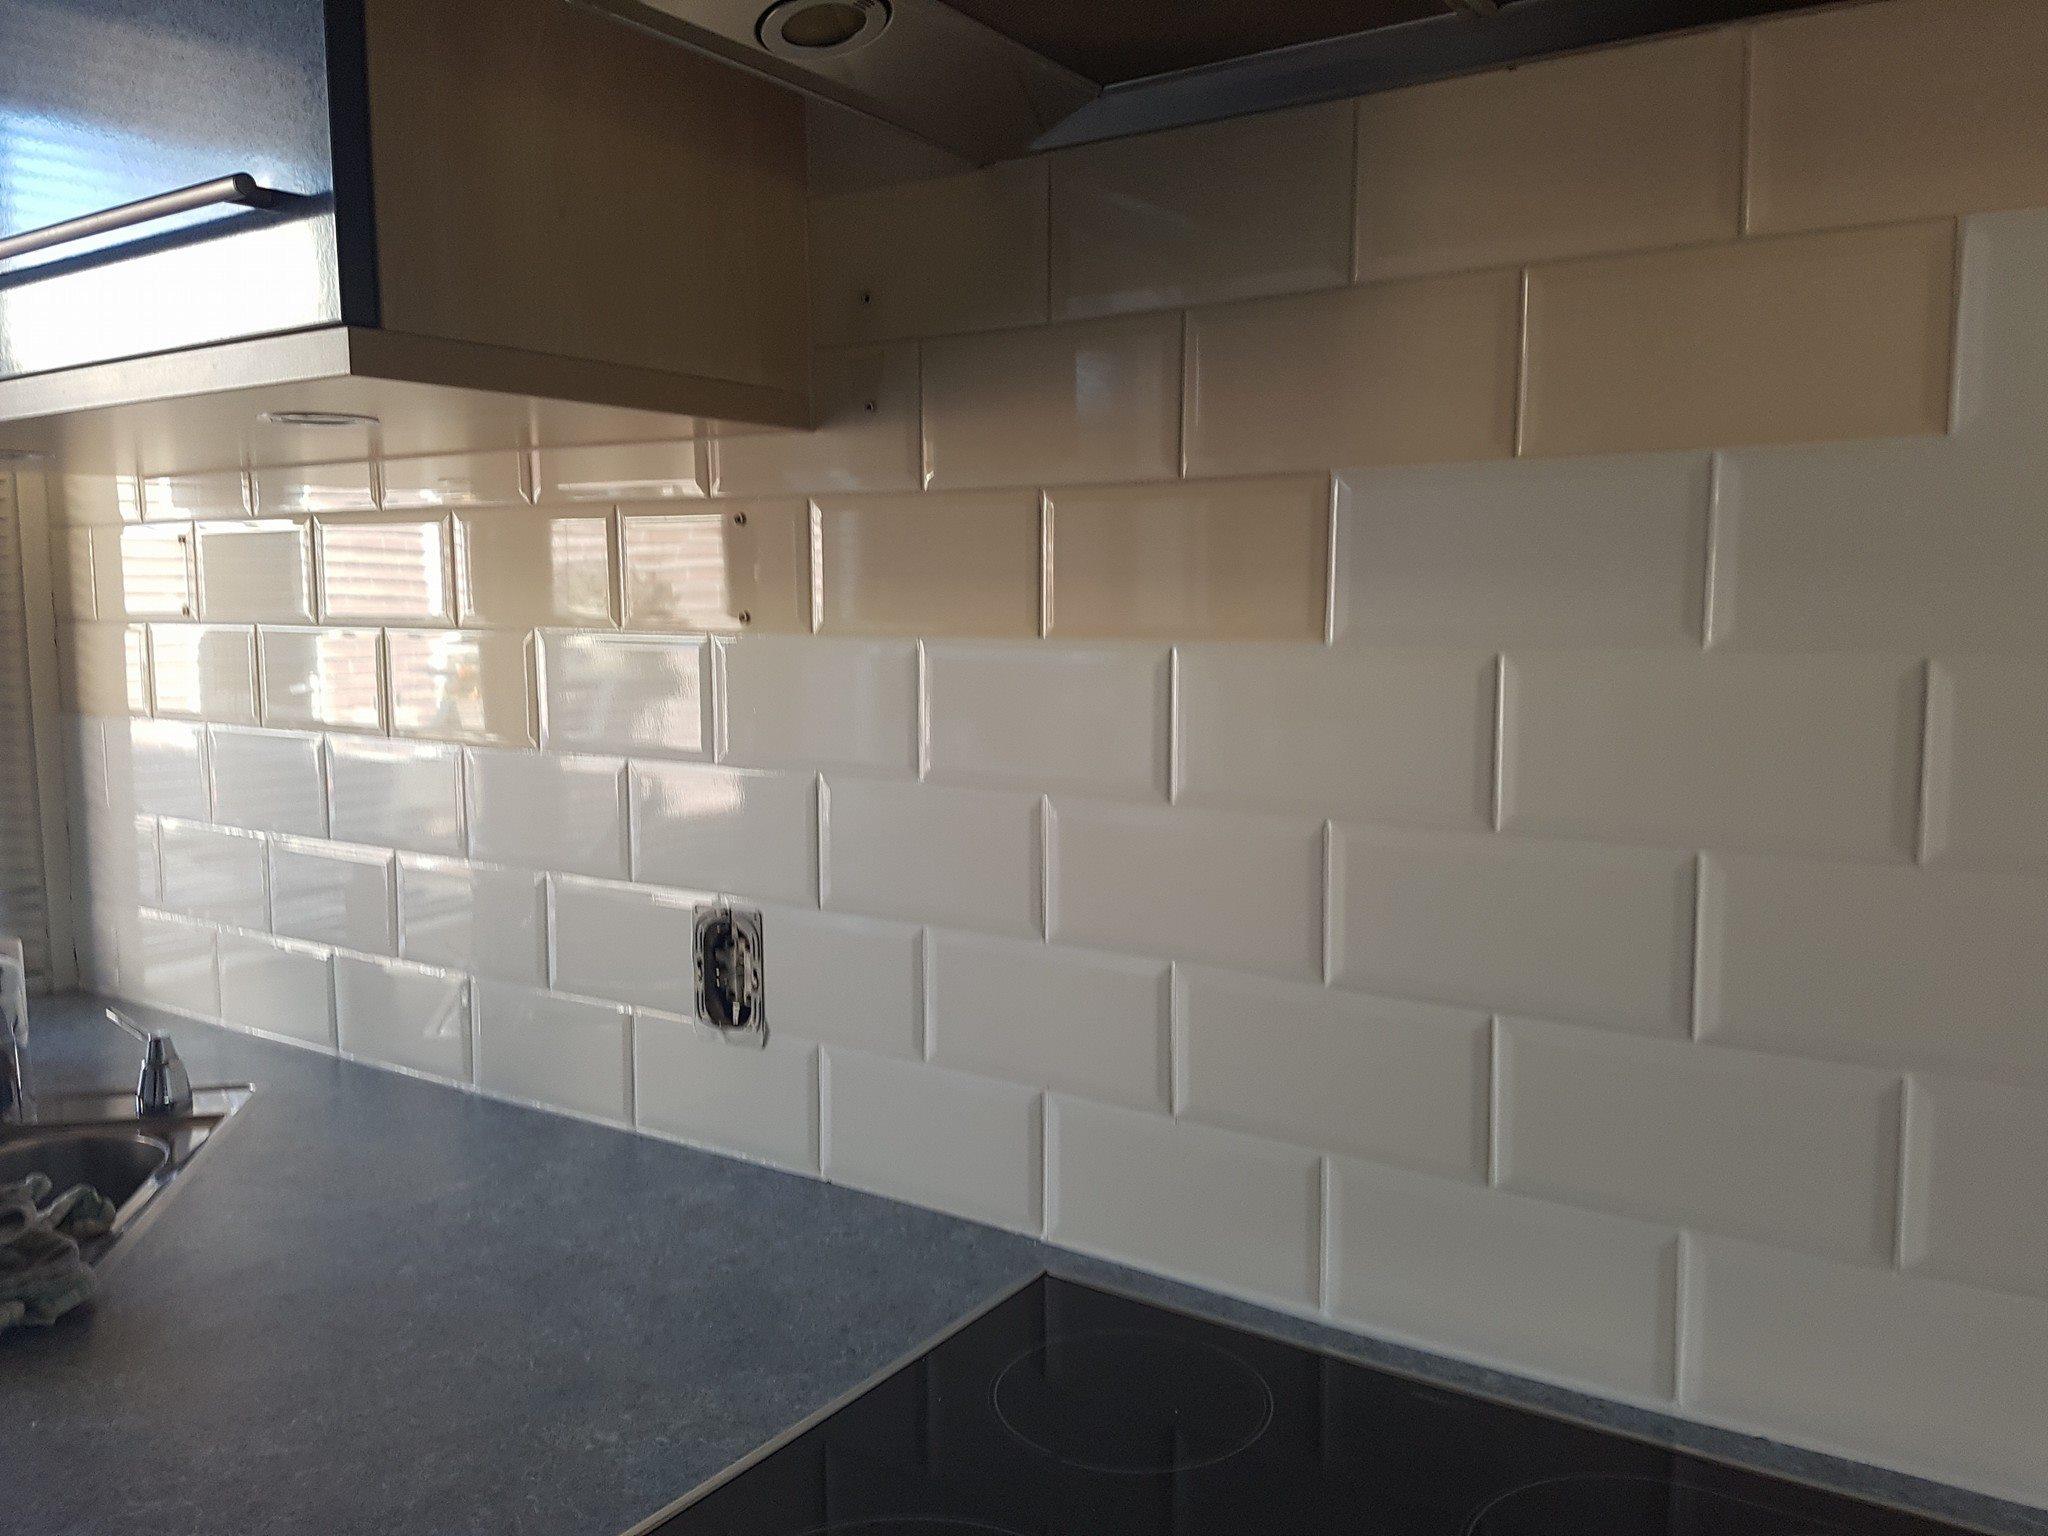 Tegels Grijze Keuken : Tegels en achterwanden